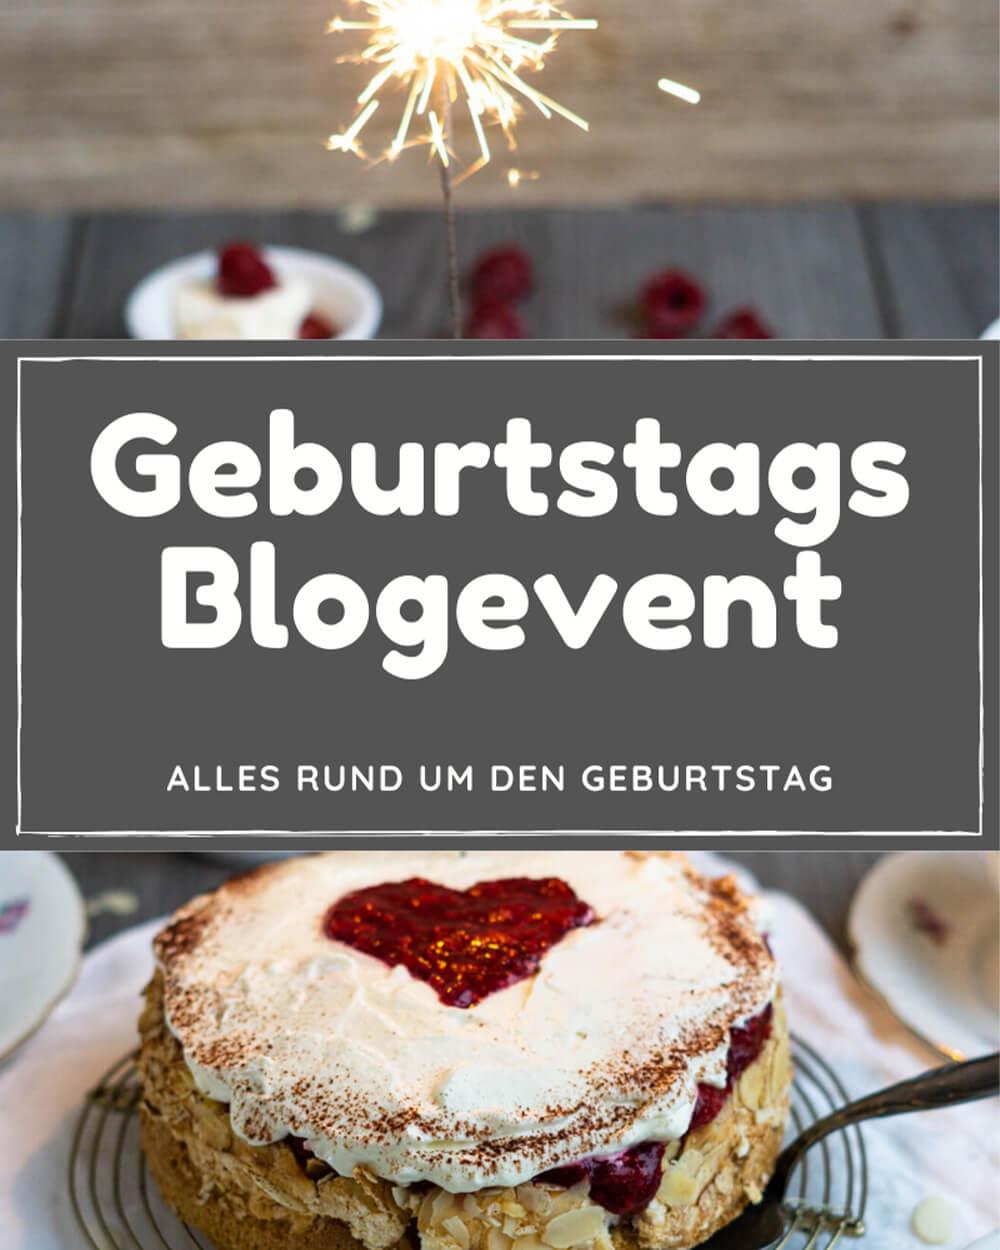 Geburtstags Blogevent